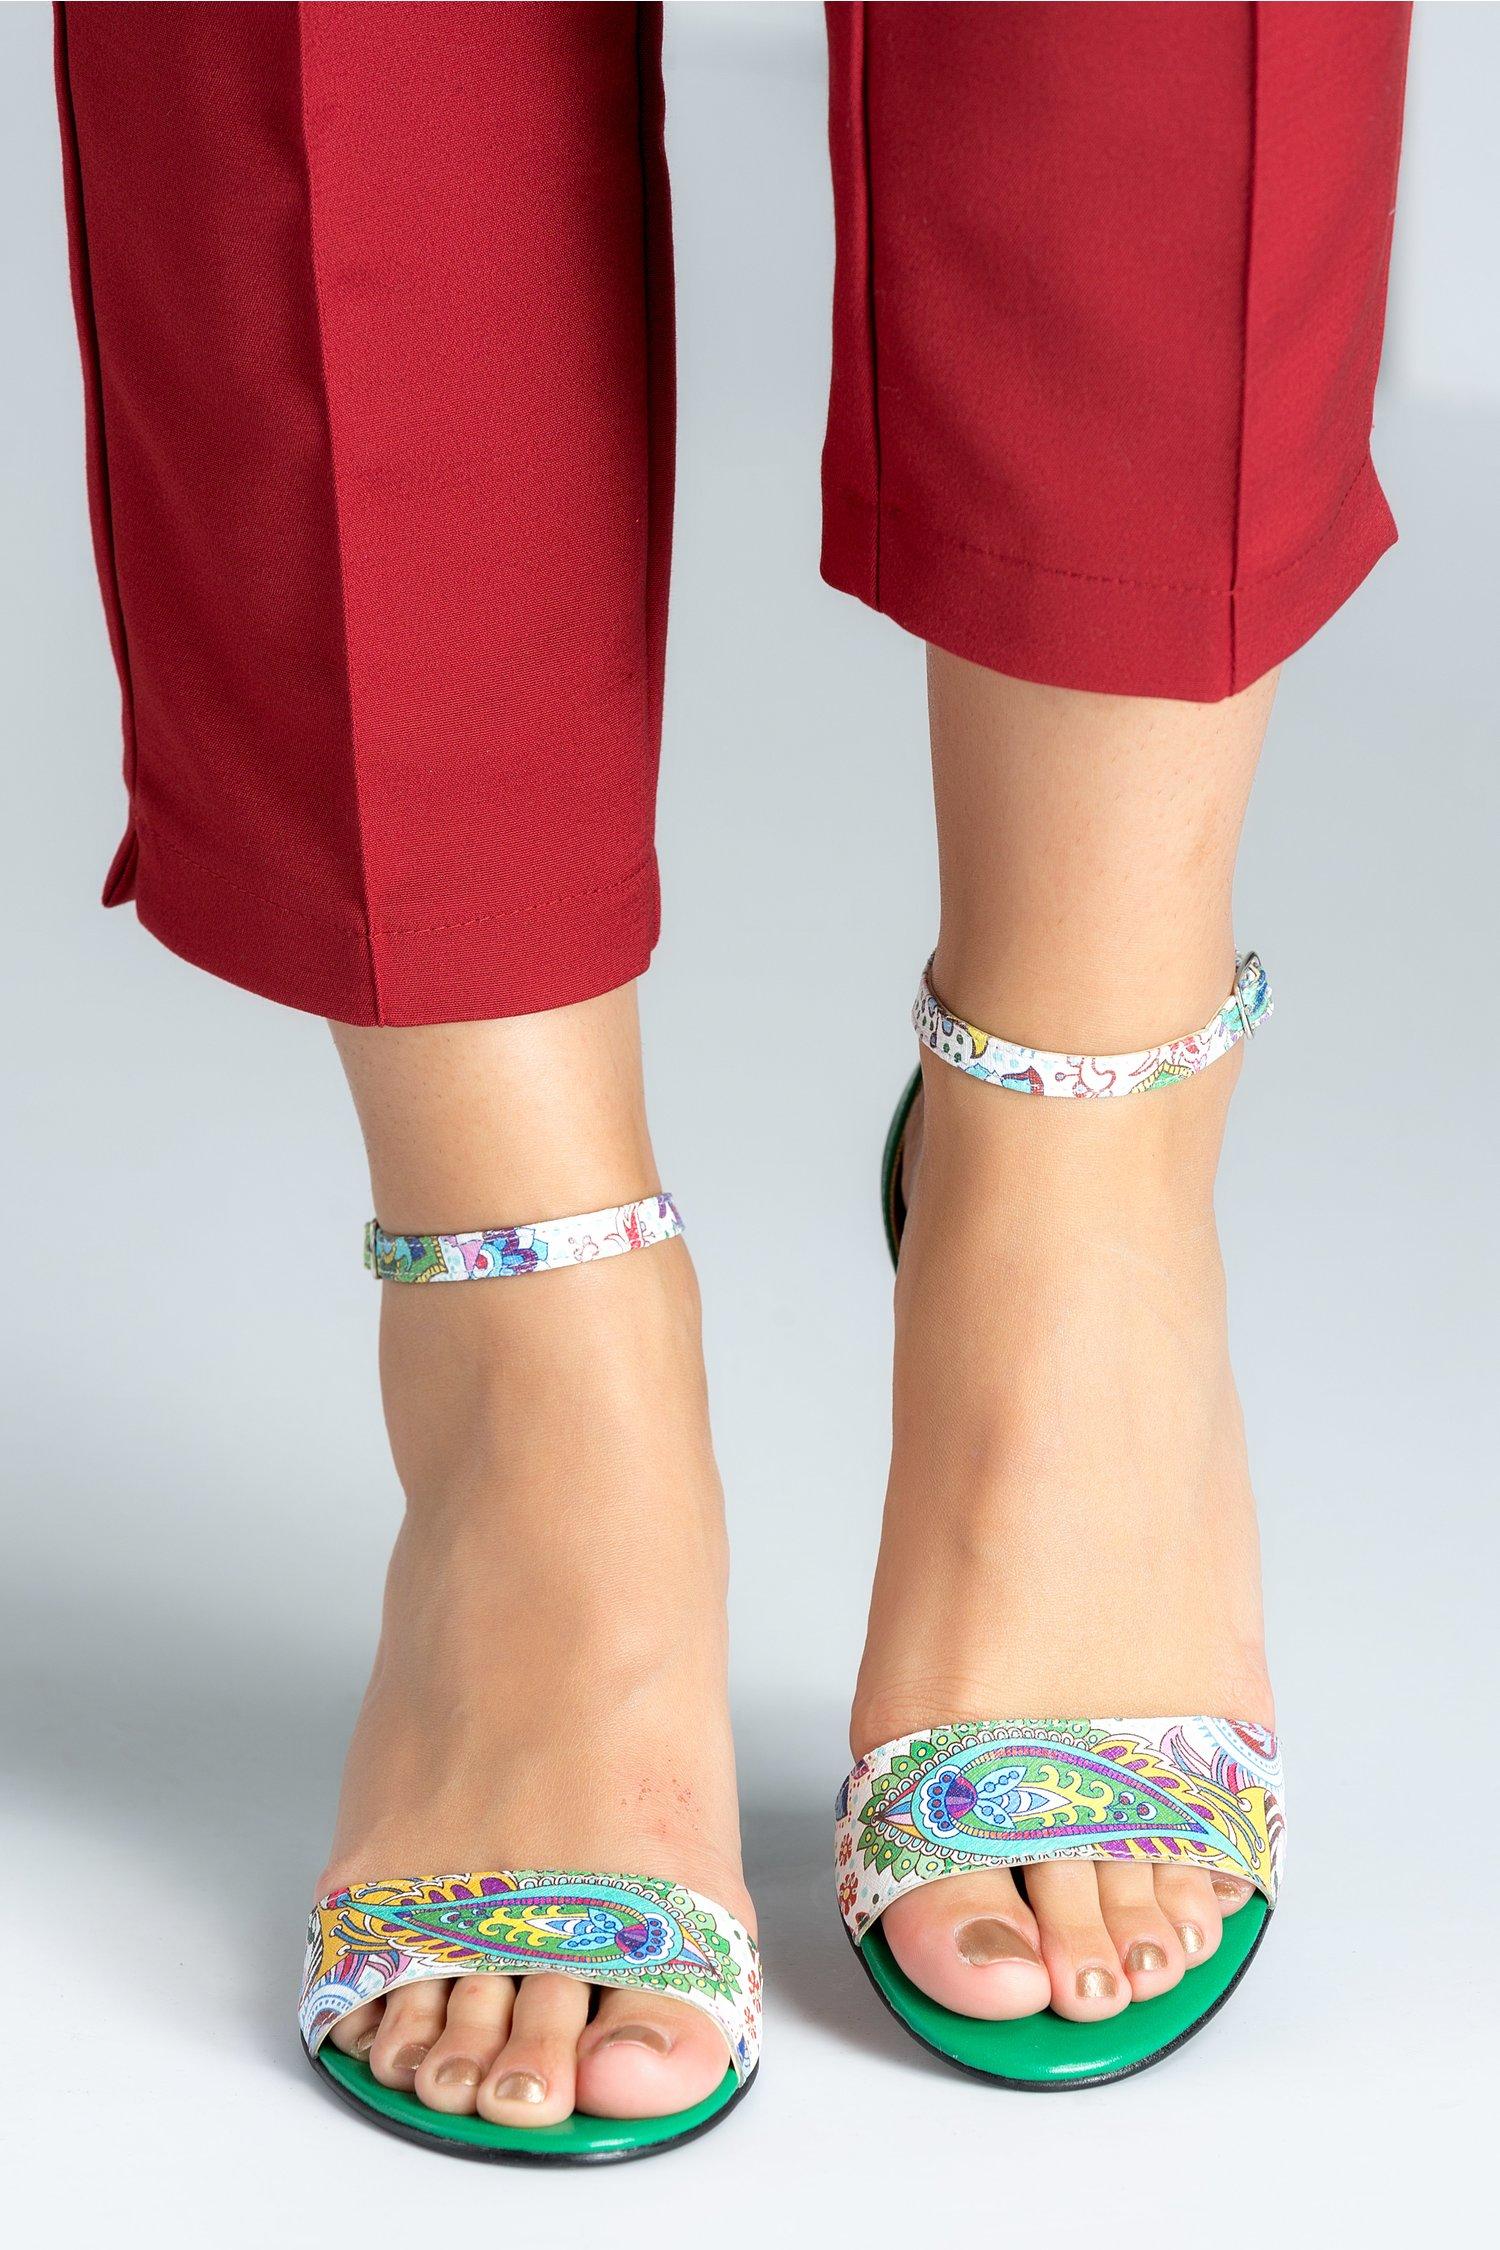 Sandale dama verzi cu detalii florale si toc jos